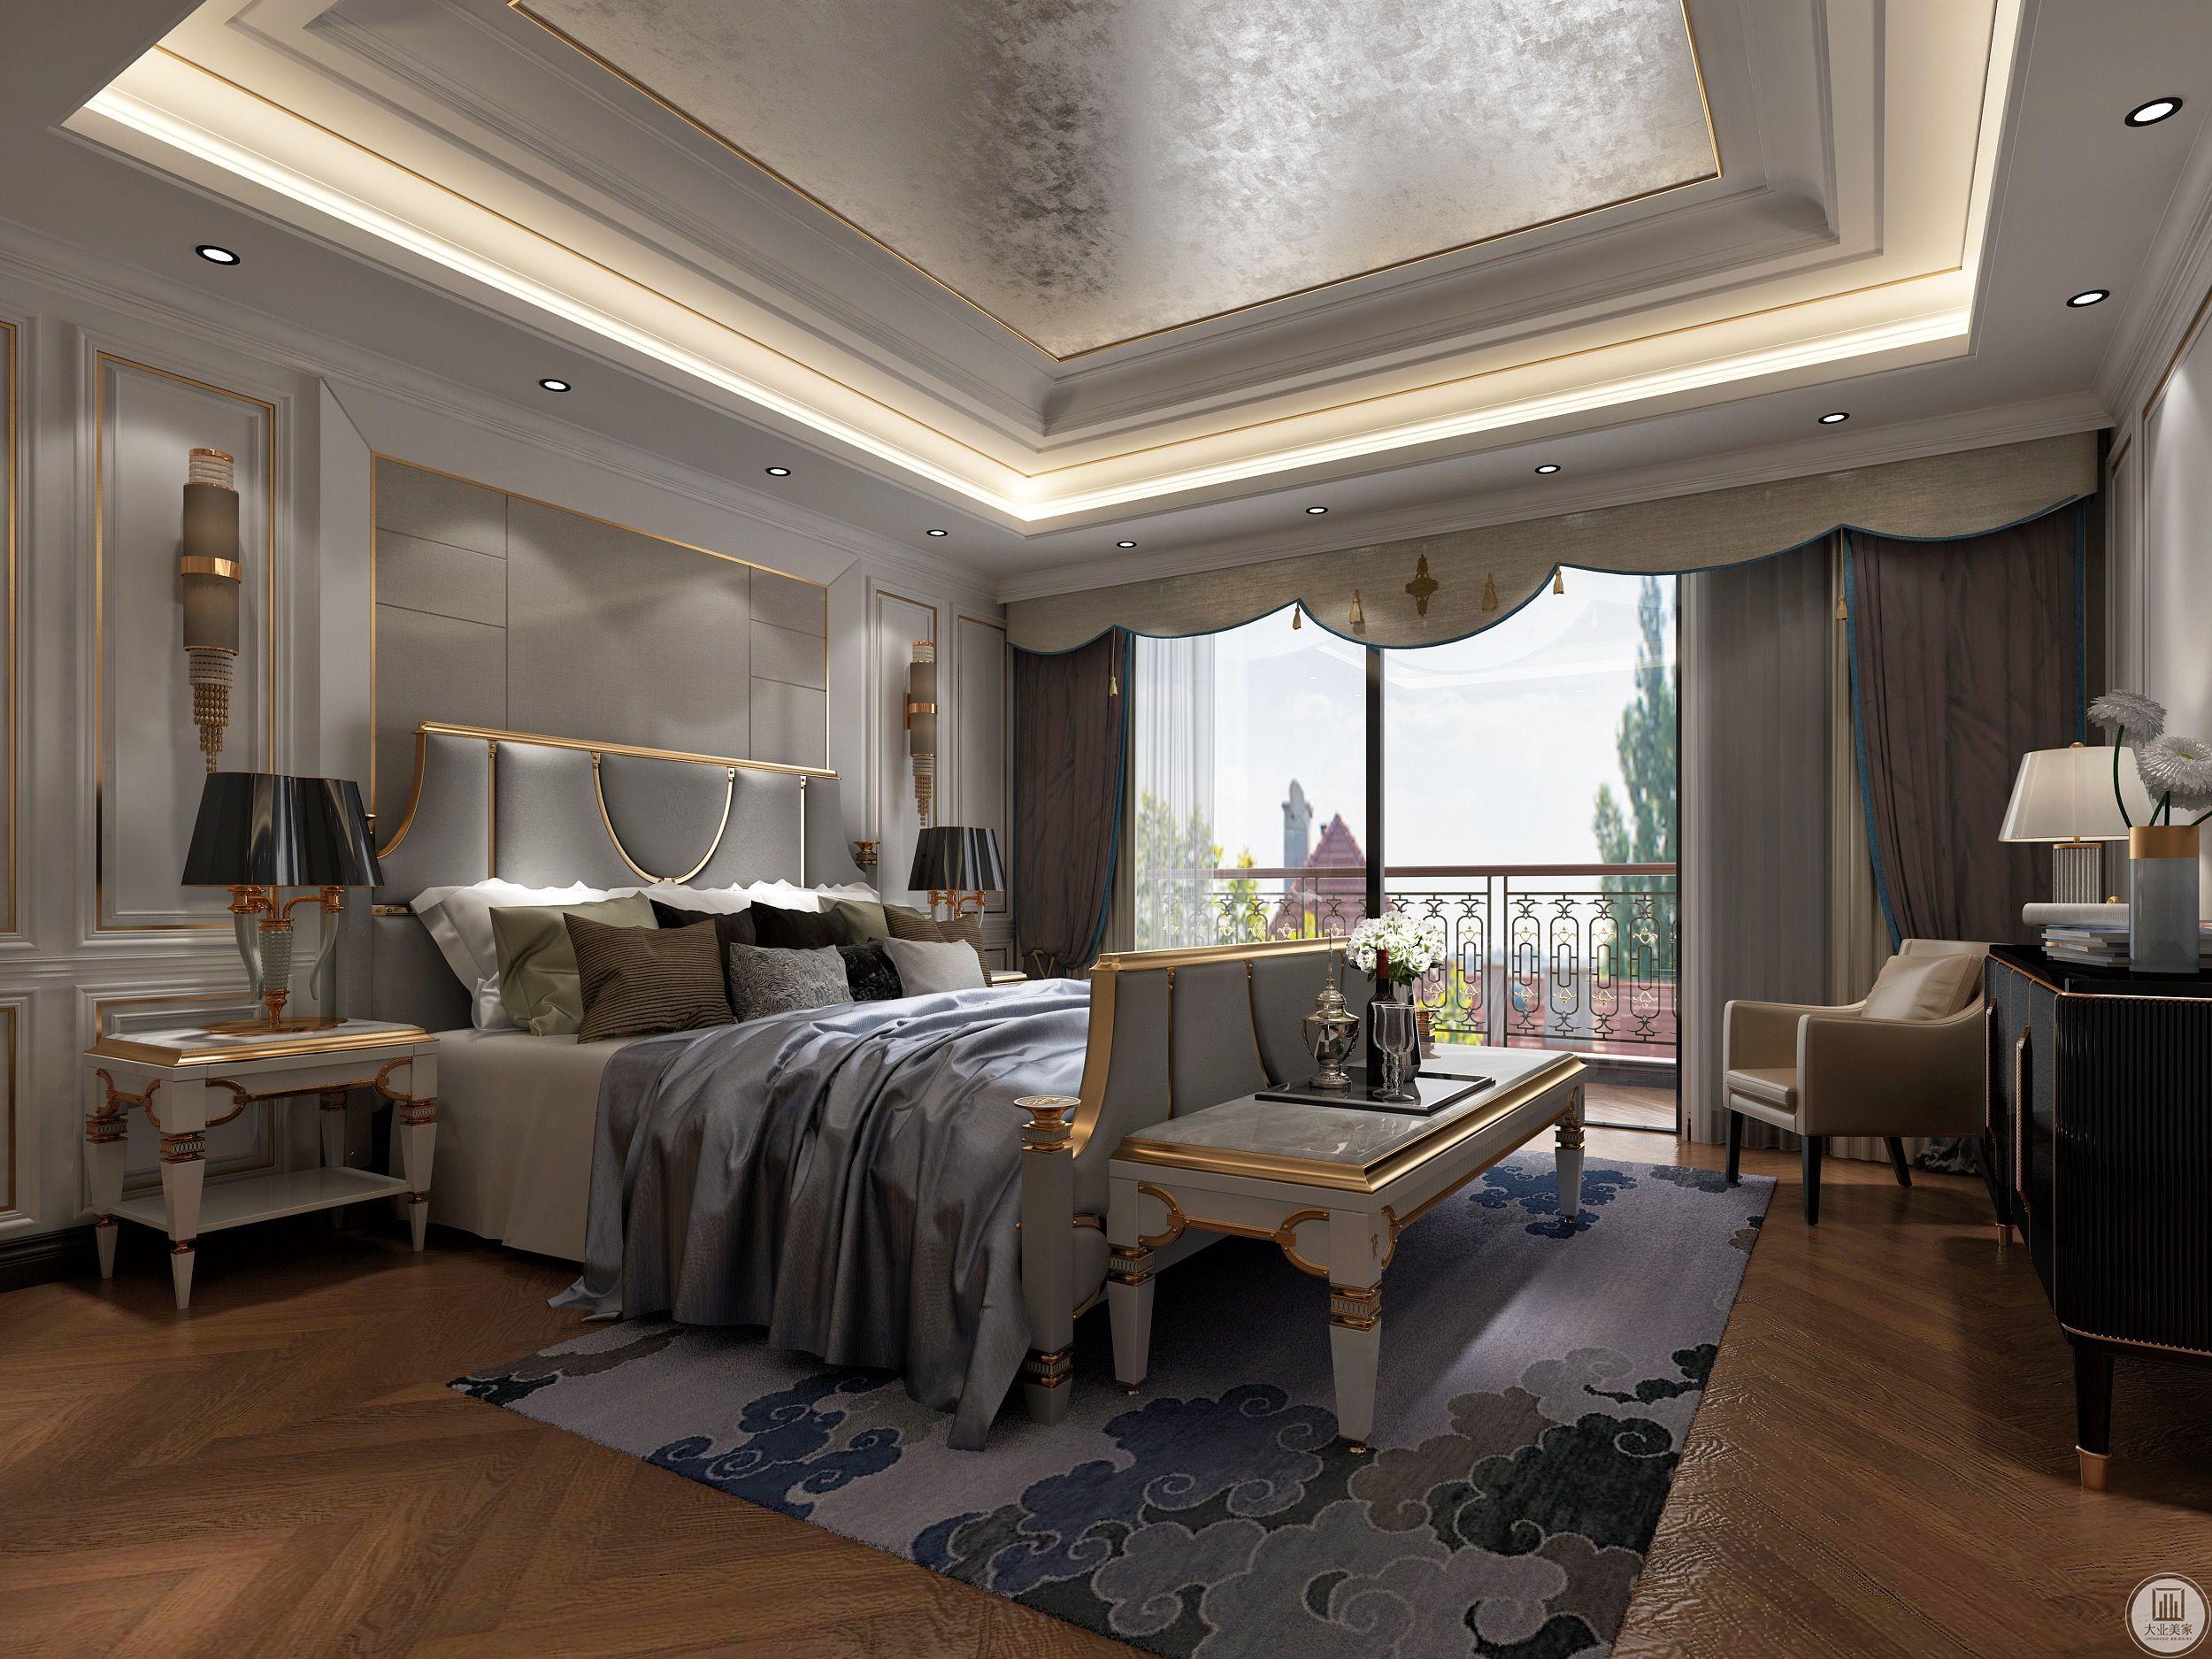 卧室注重对舒适融洽私人空间氛围的营造,设计师采用高级灰的床搭配蓝色窗帘点缀为整个卧室增添一丝浪漫色彩。